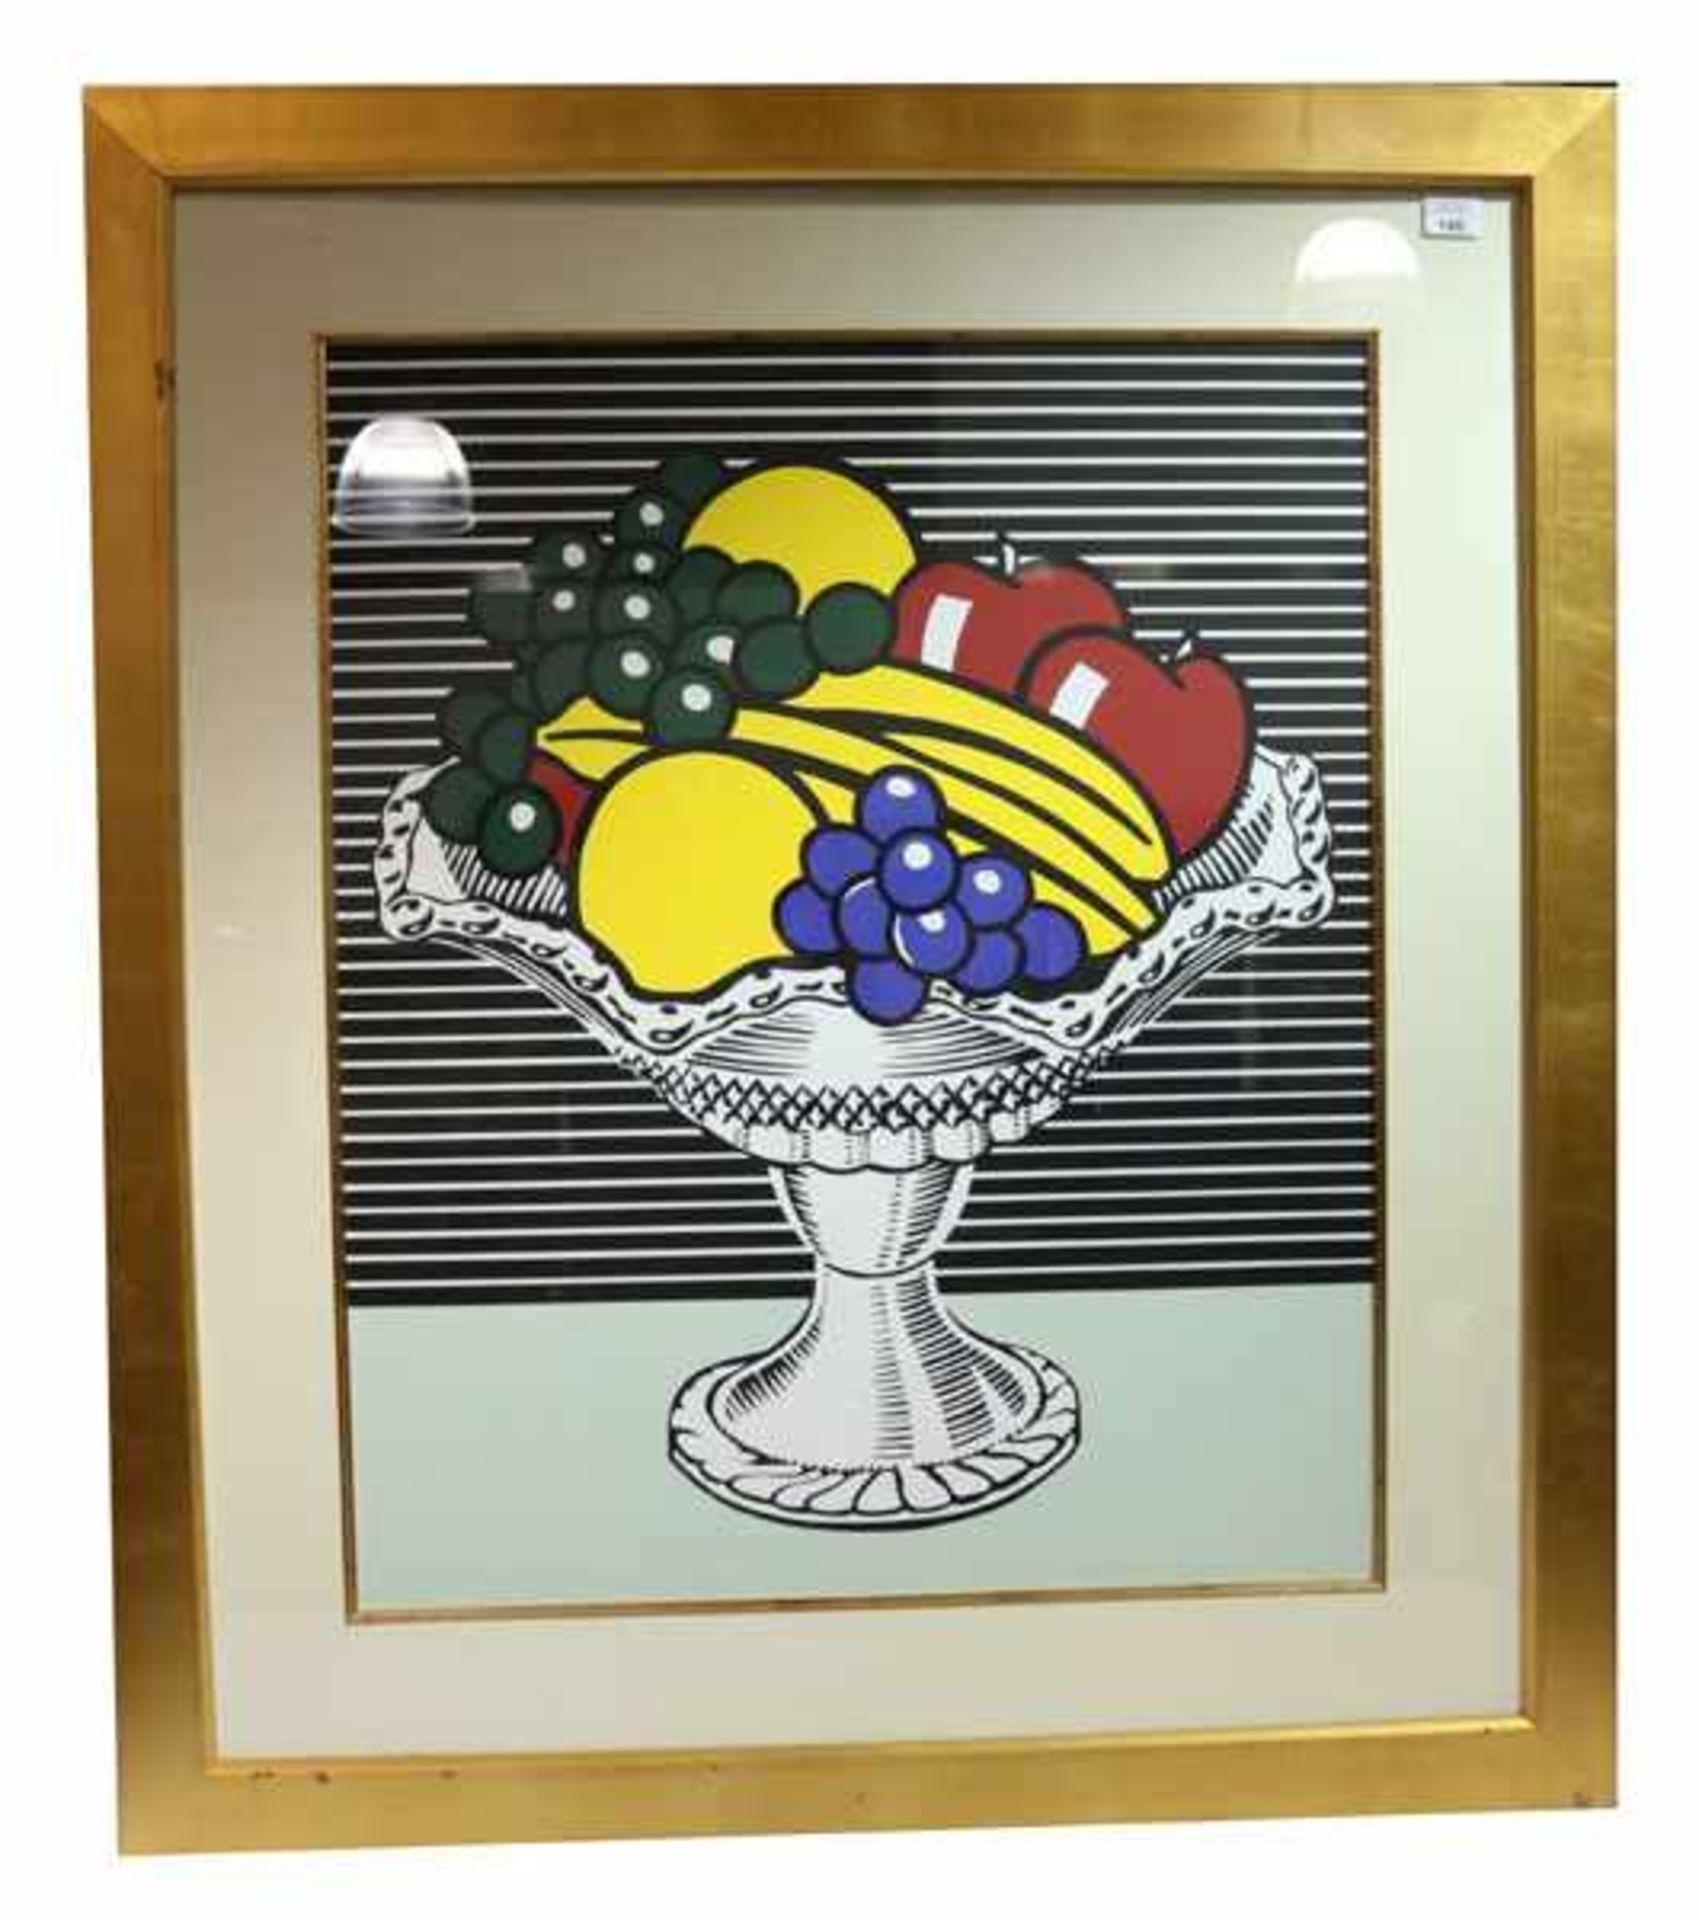 Los 140 - Grafik 'Fruitbasket', nach Roy Lichtenstein, mit Passepartout unter Glas gerahmt, Rahmen